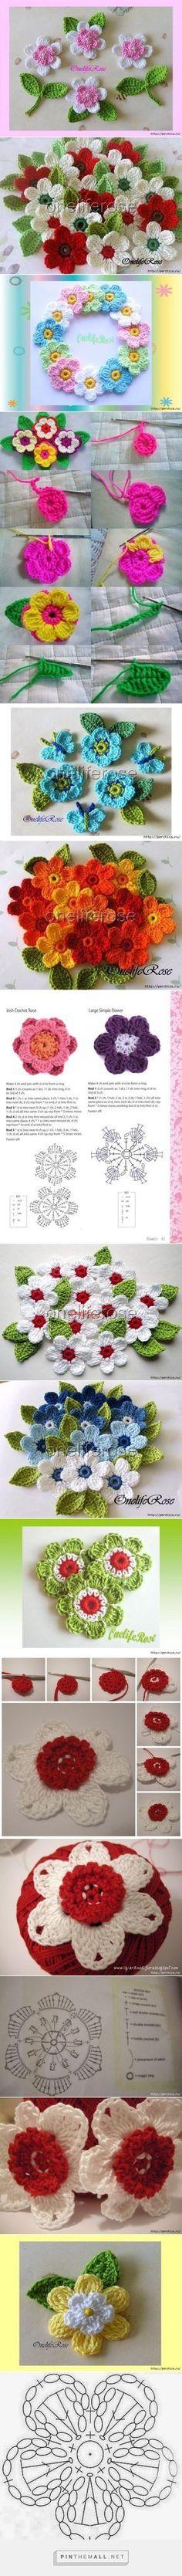 fiori e fiorellini - created v | <br/> Simple